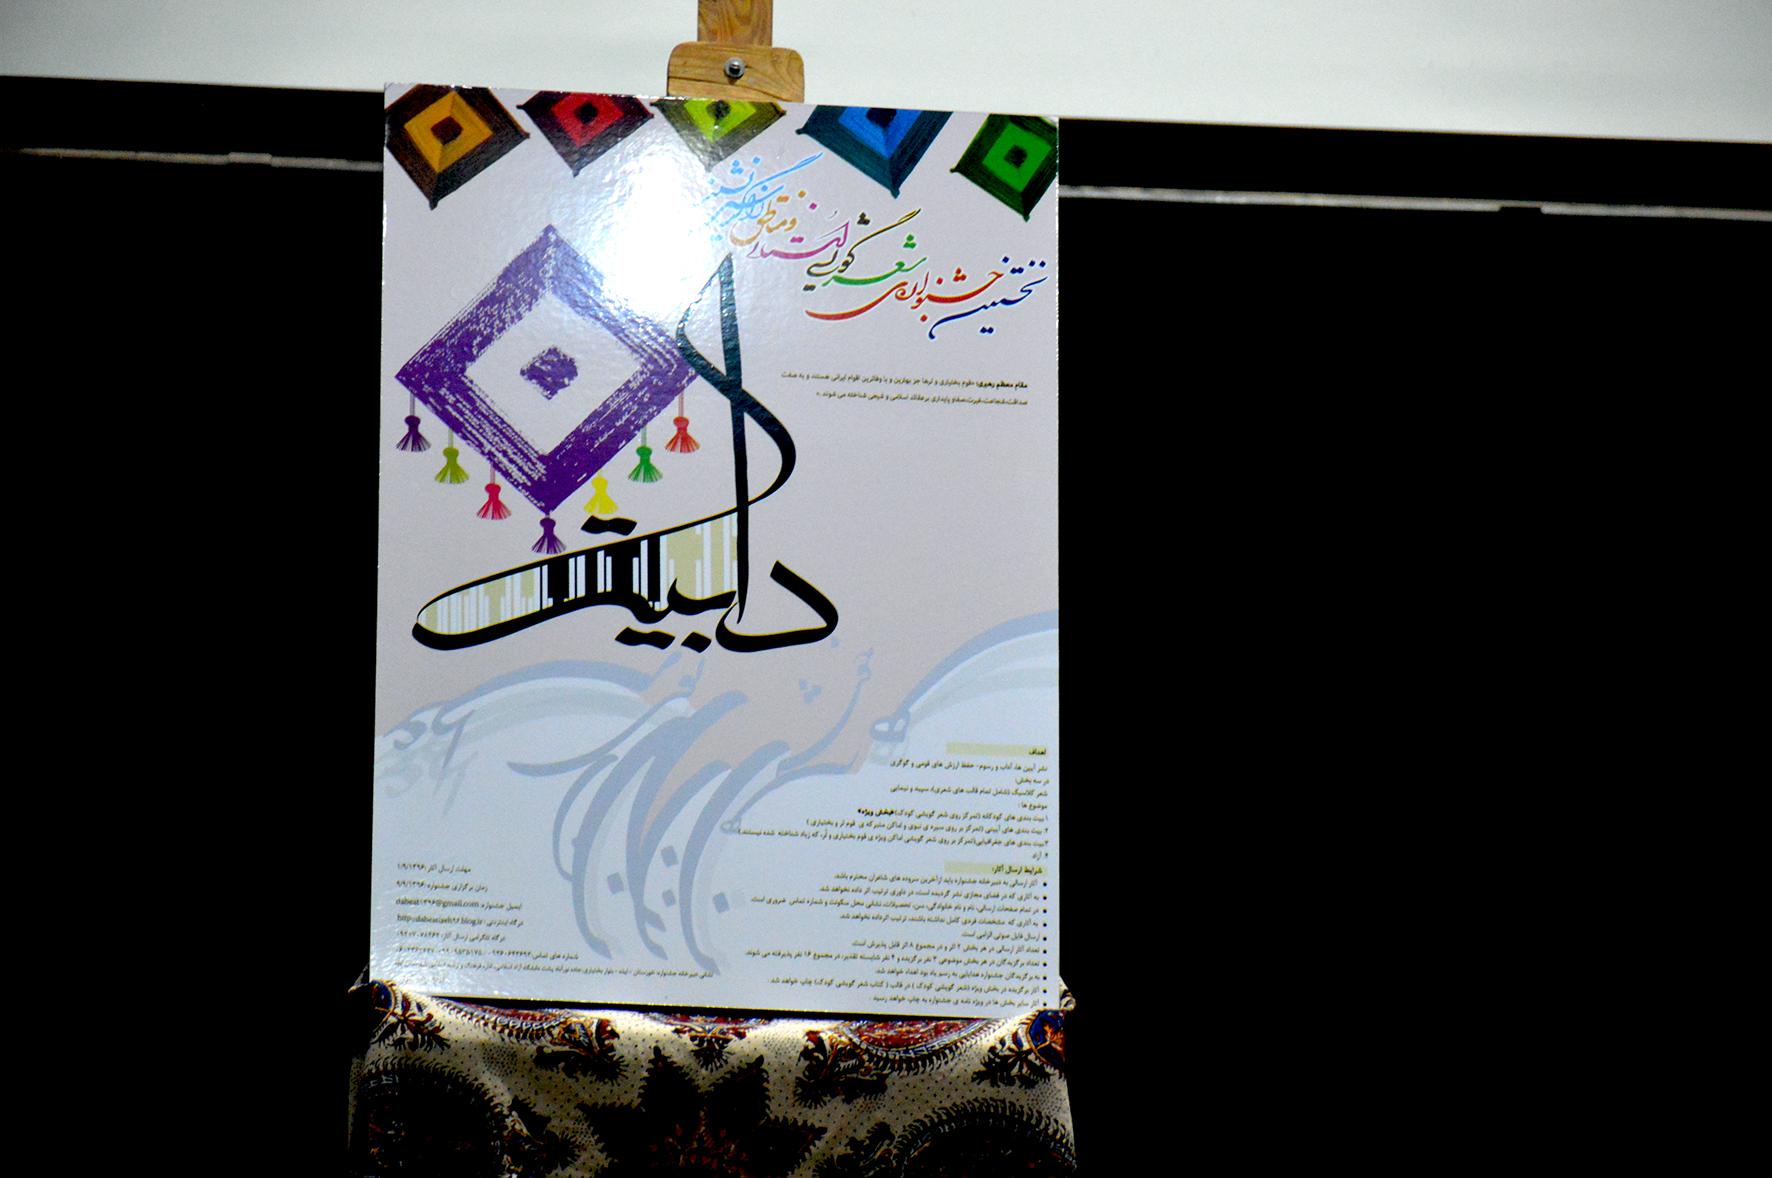 جشنواره شعر گویشی «دابیت» در ایذه برگزار میشود/آیین رونمایی از پوستر همایش «دابیت» در ایذه برگزار شد